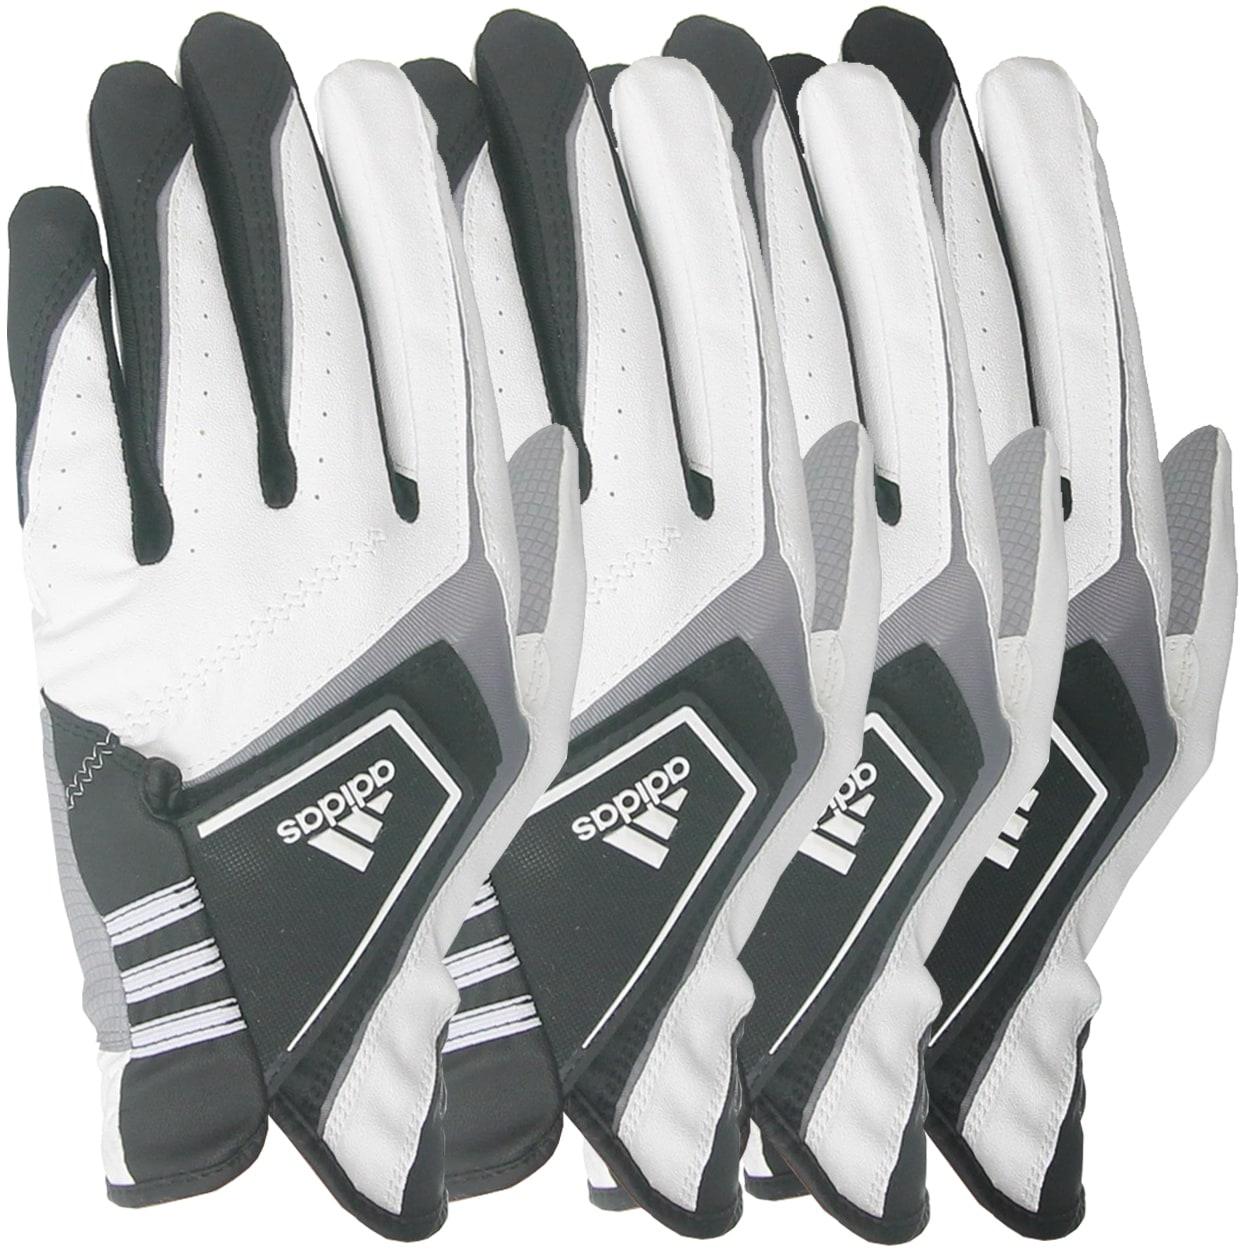 Adidas Exert Men's Golf Gloves (4-Pack